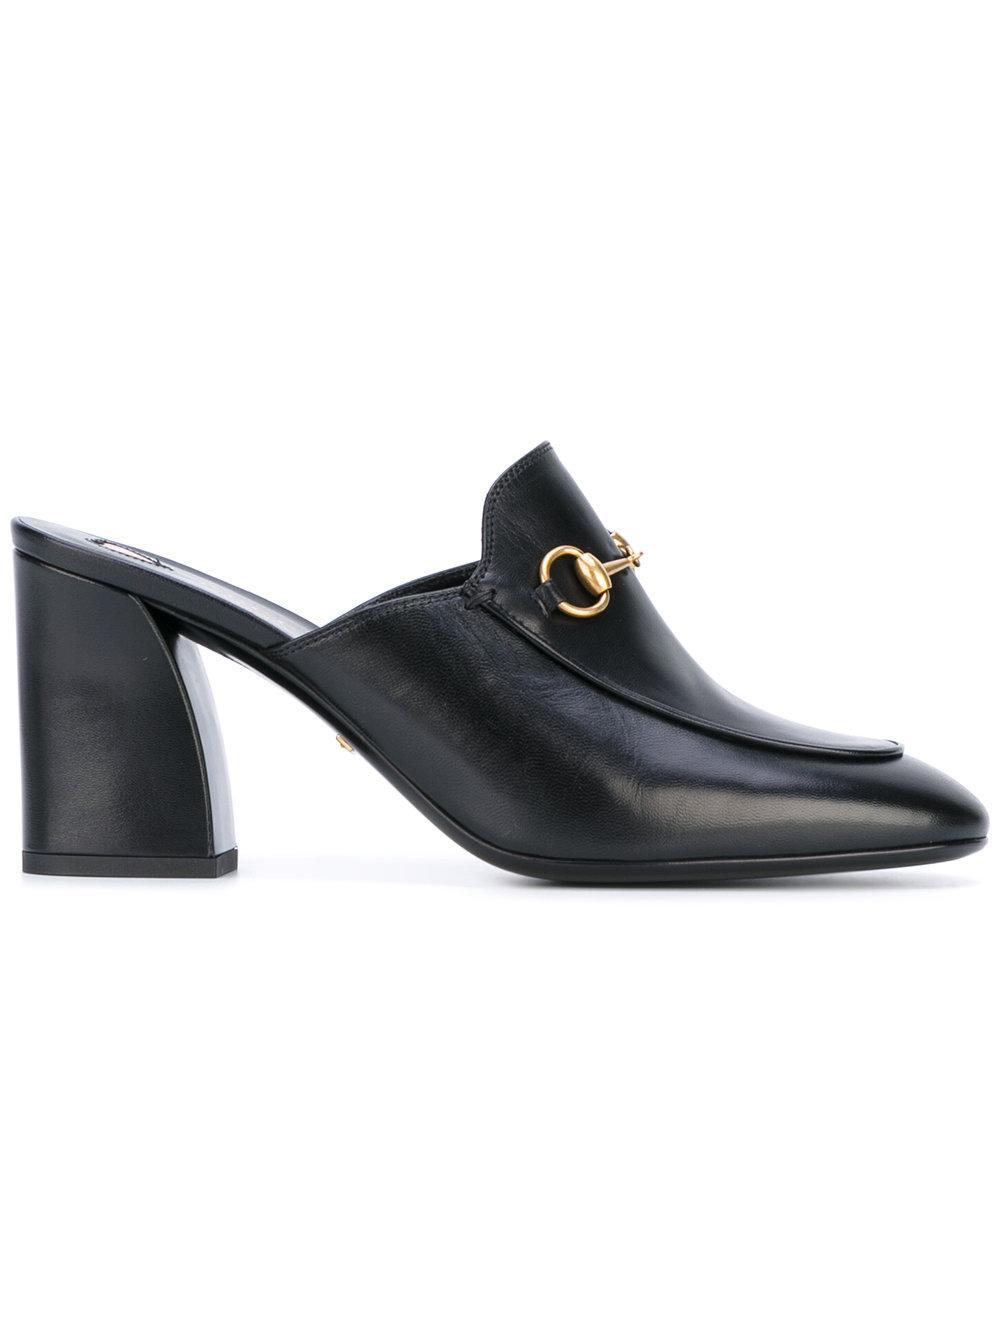 Gucci Horsebit Mules In Black Lyst